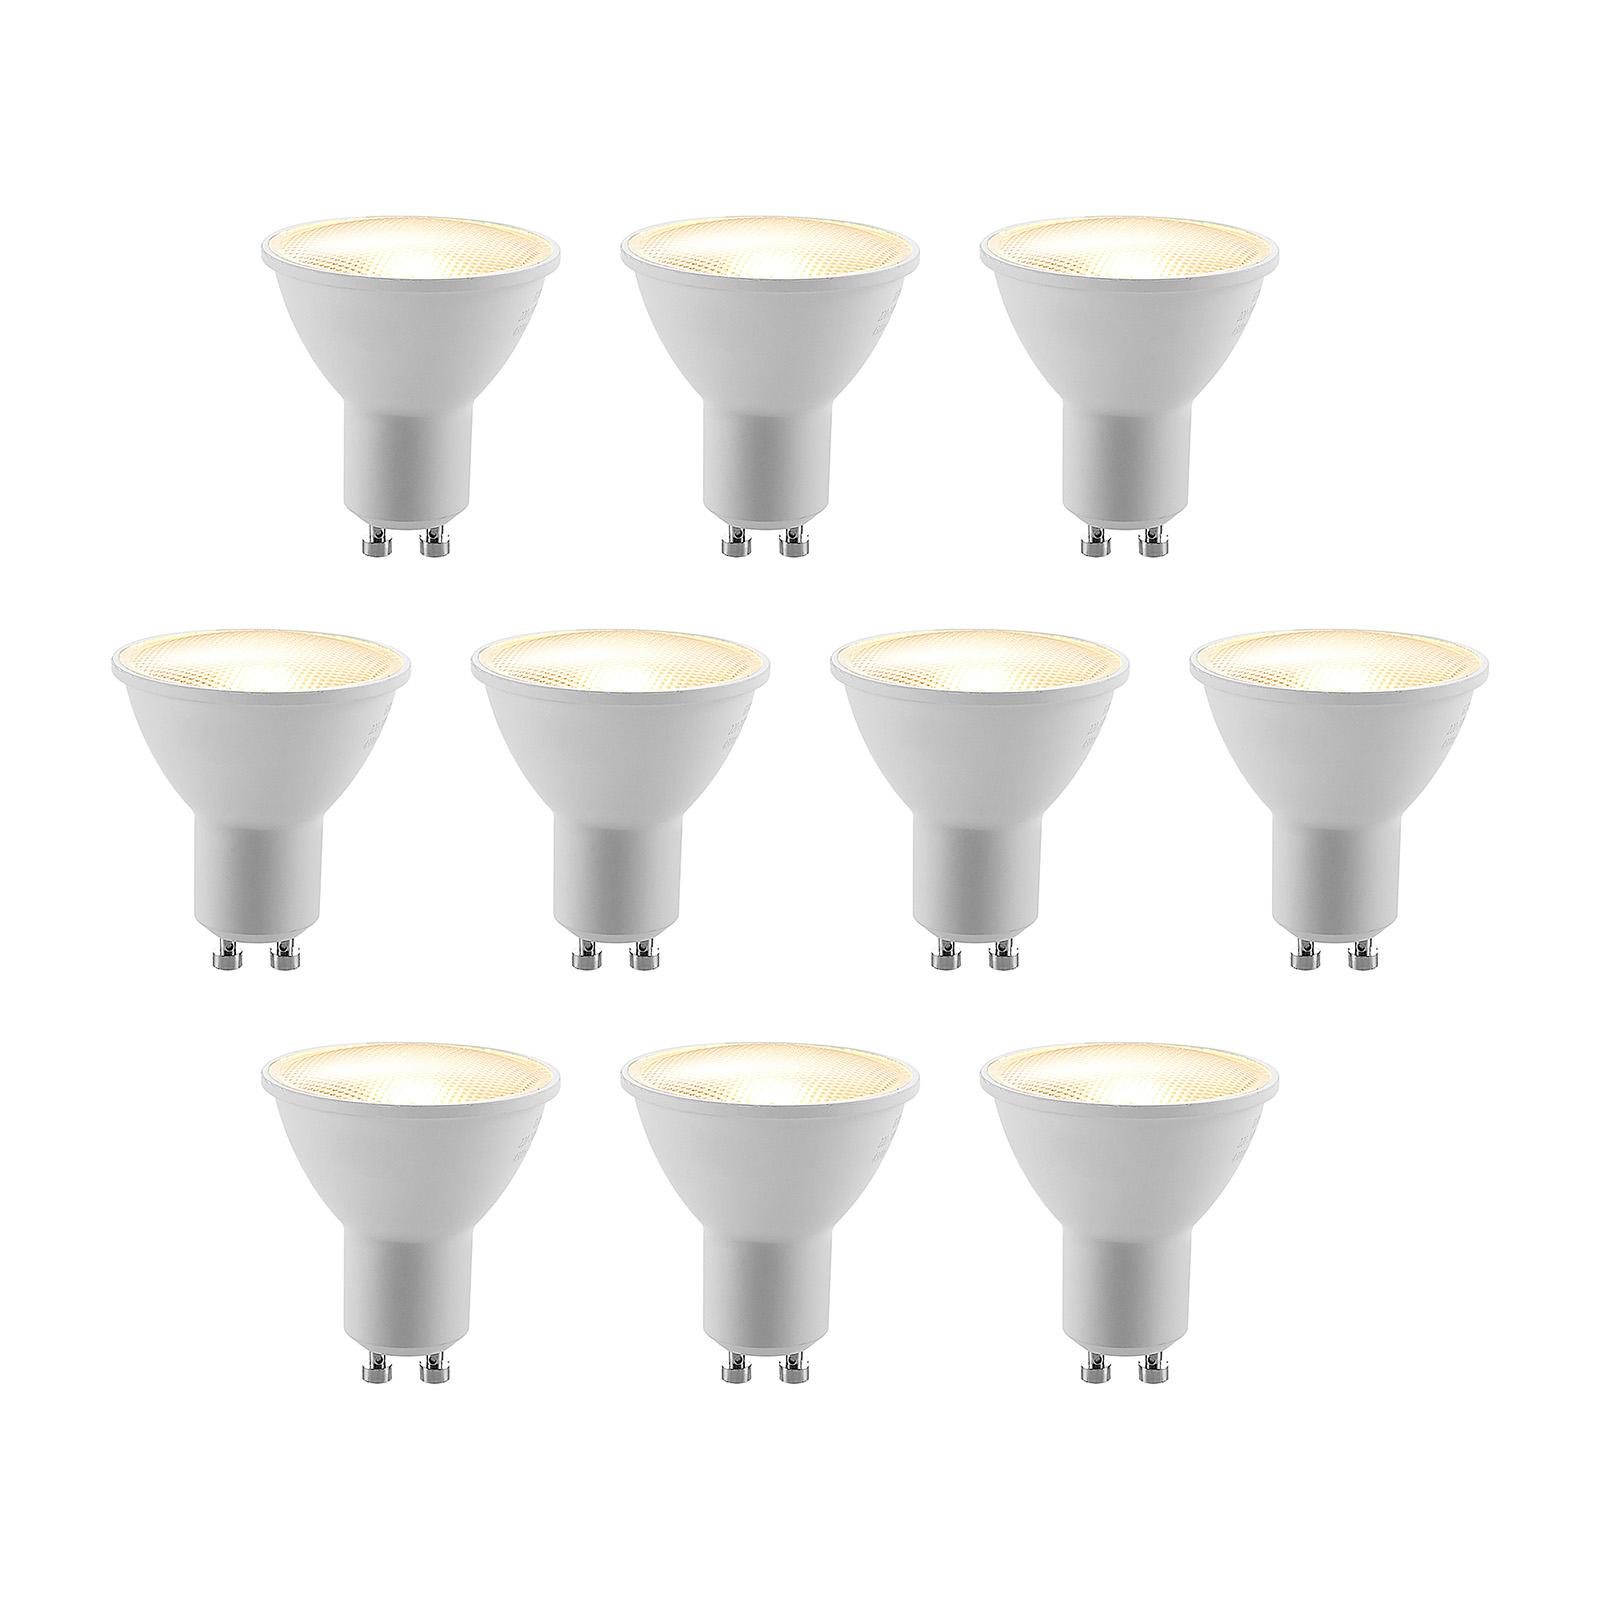 ELC LED-Reflektor GU10 5W 10er-Pack 2.700K 120°